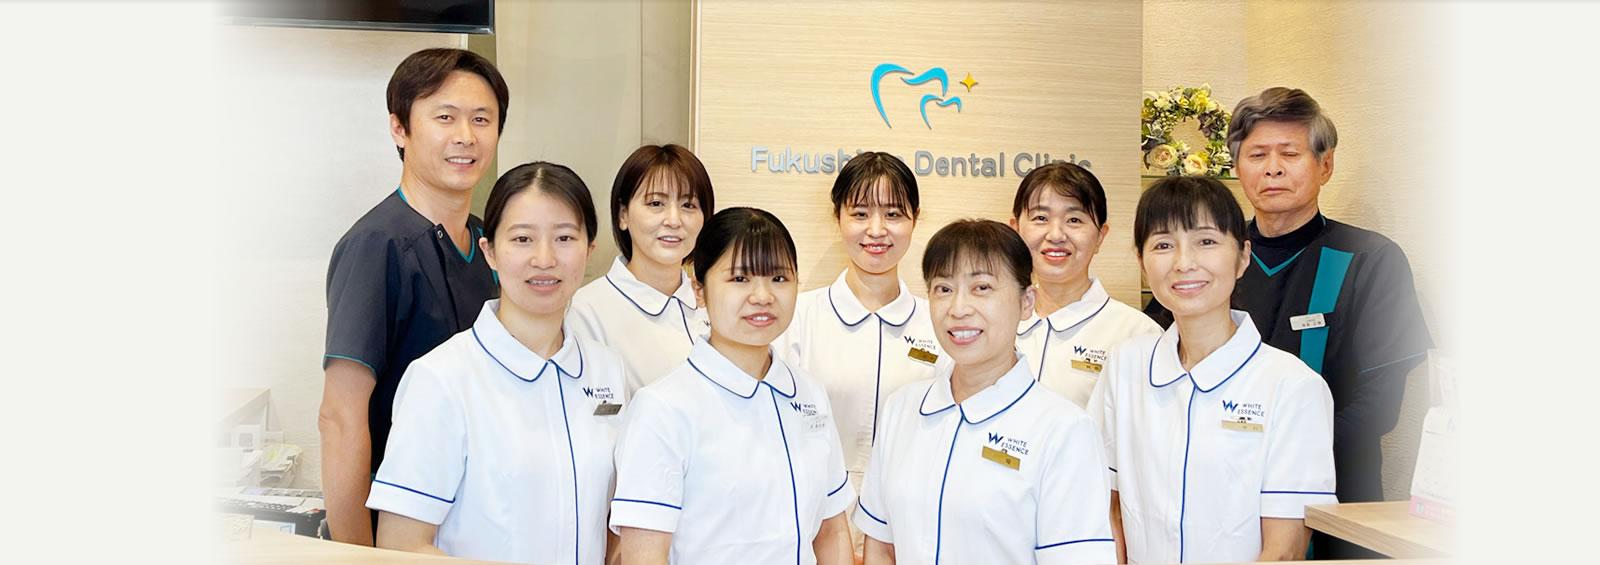 鍋島の歯医者 ふくしま歯科・こども歯科